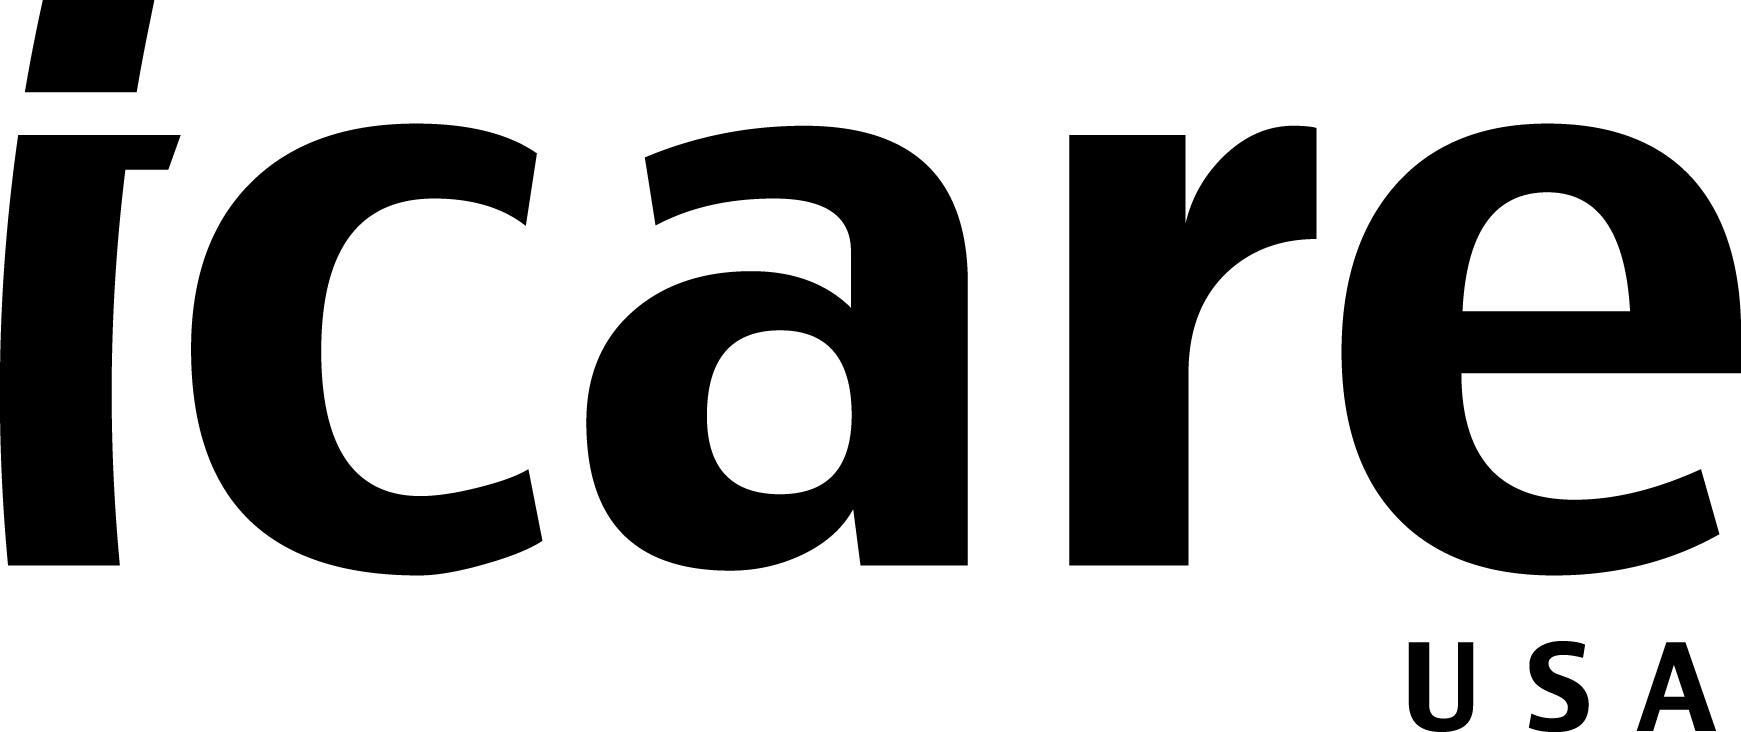 Icare_USA_logo_CMYK